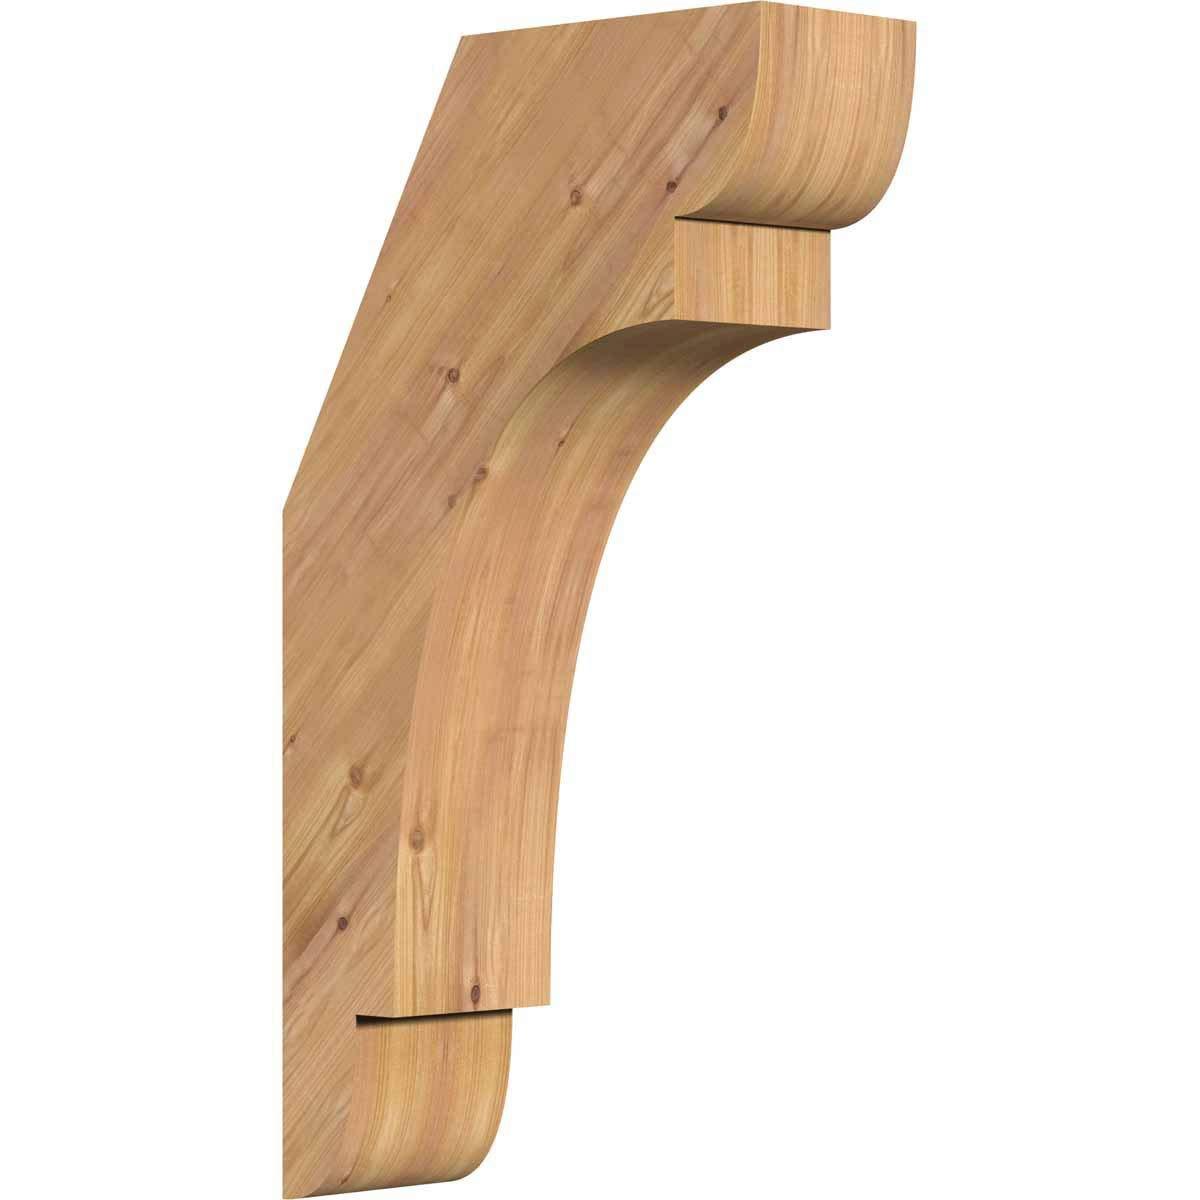 Renewed Western Red Cedar Ekena Millwork BRC04X10X18OLY00SWR Olympic Smooth Brace 4 Width x 10 Depth x 18 Height